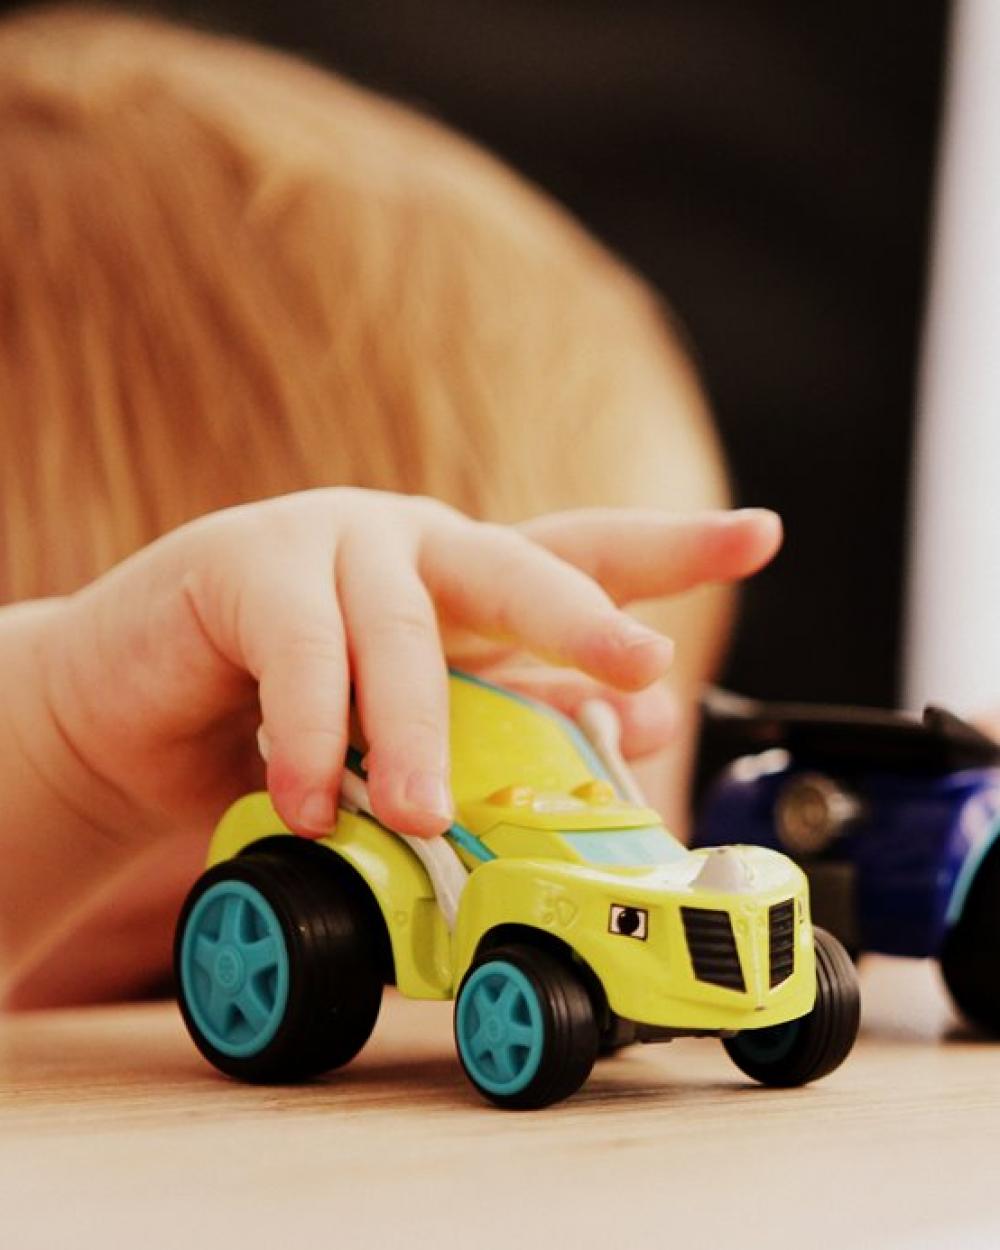 Pesquisa da Fecomércio aponta que Dia das Crianças deve aquecer comércio em Santa Catarina